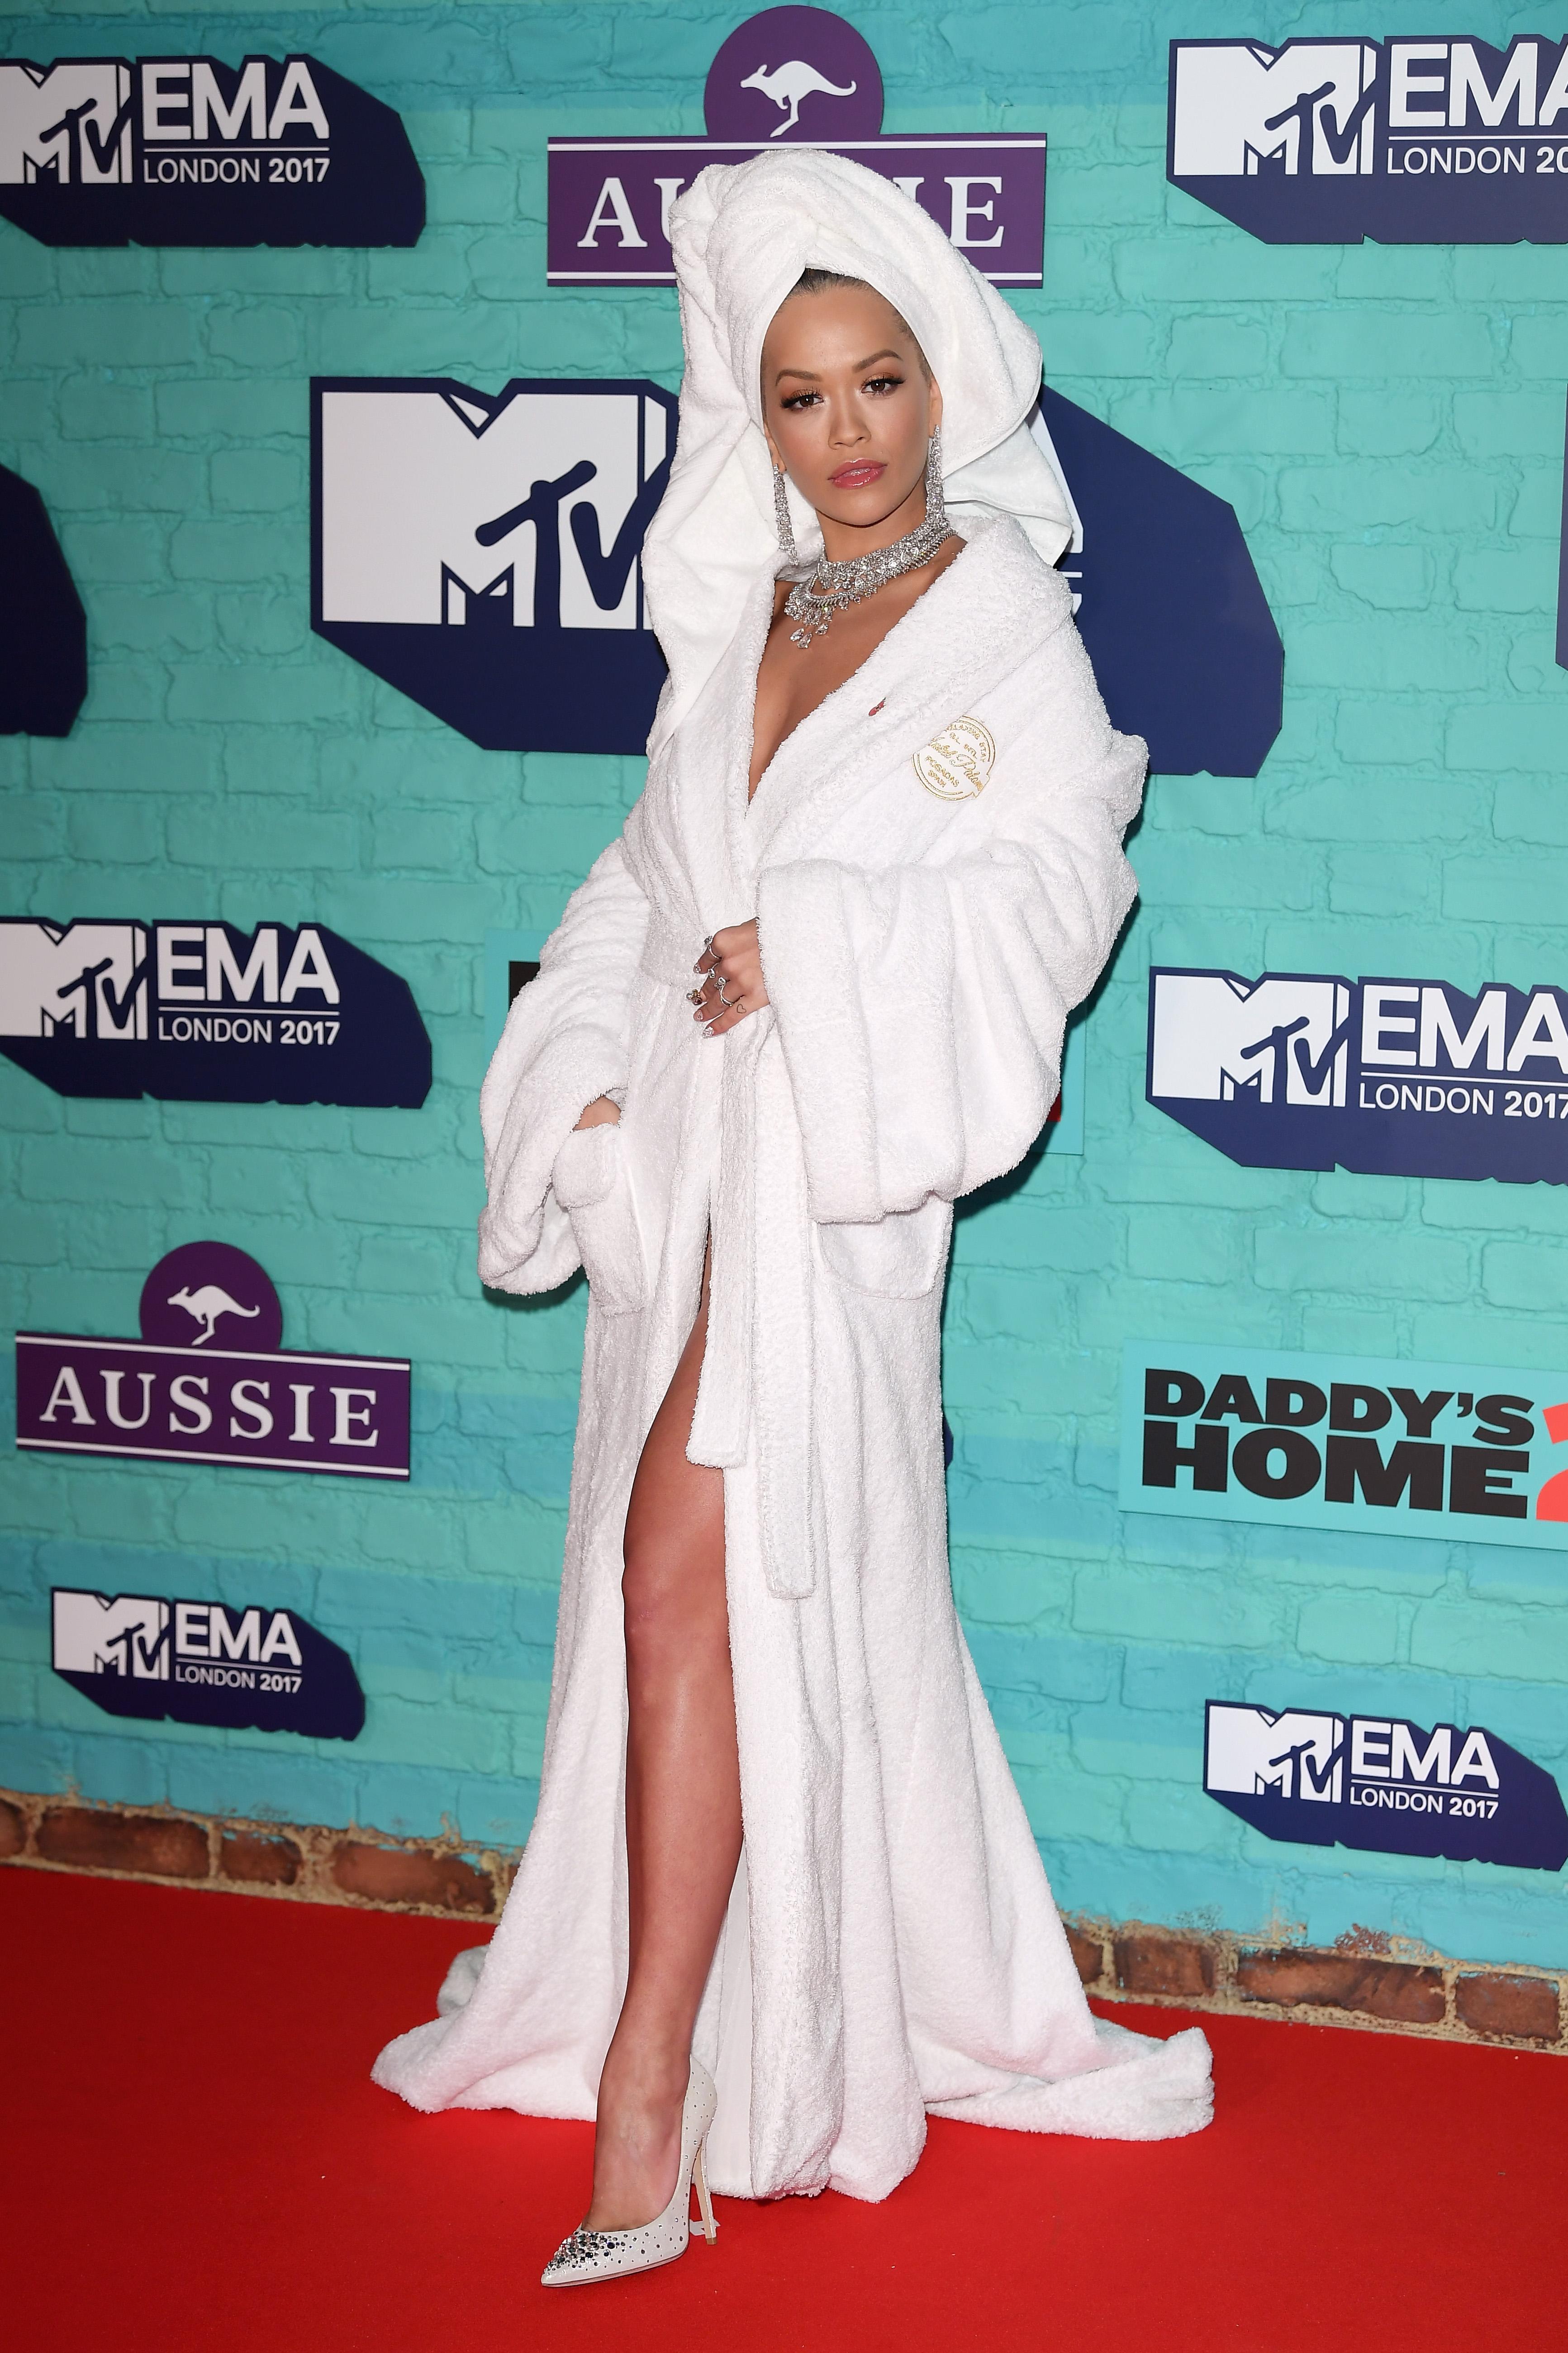 Rita-Ora-Rocks-A-Bathrobe-And-a-Towel-At-The-2017-MTV-EMA-Awards